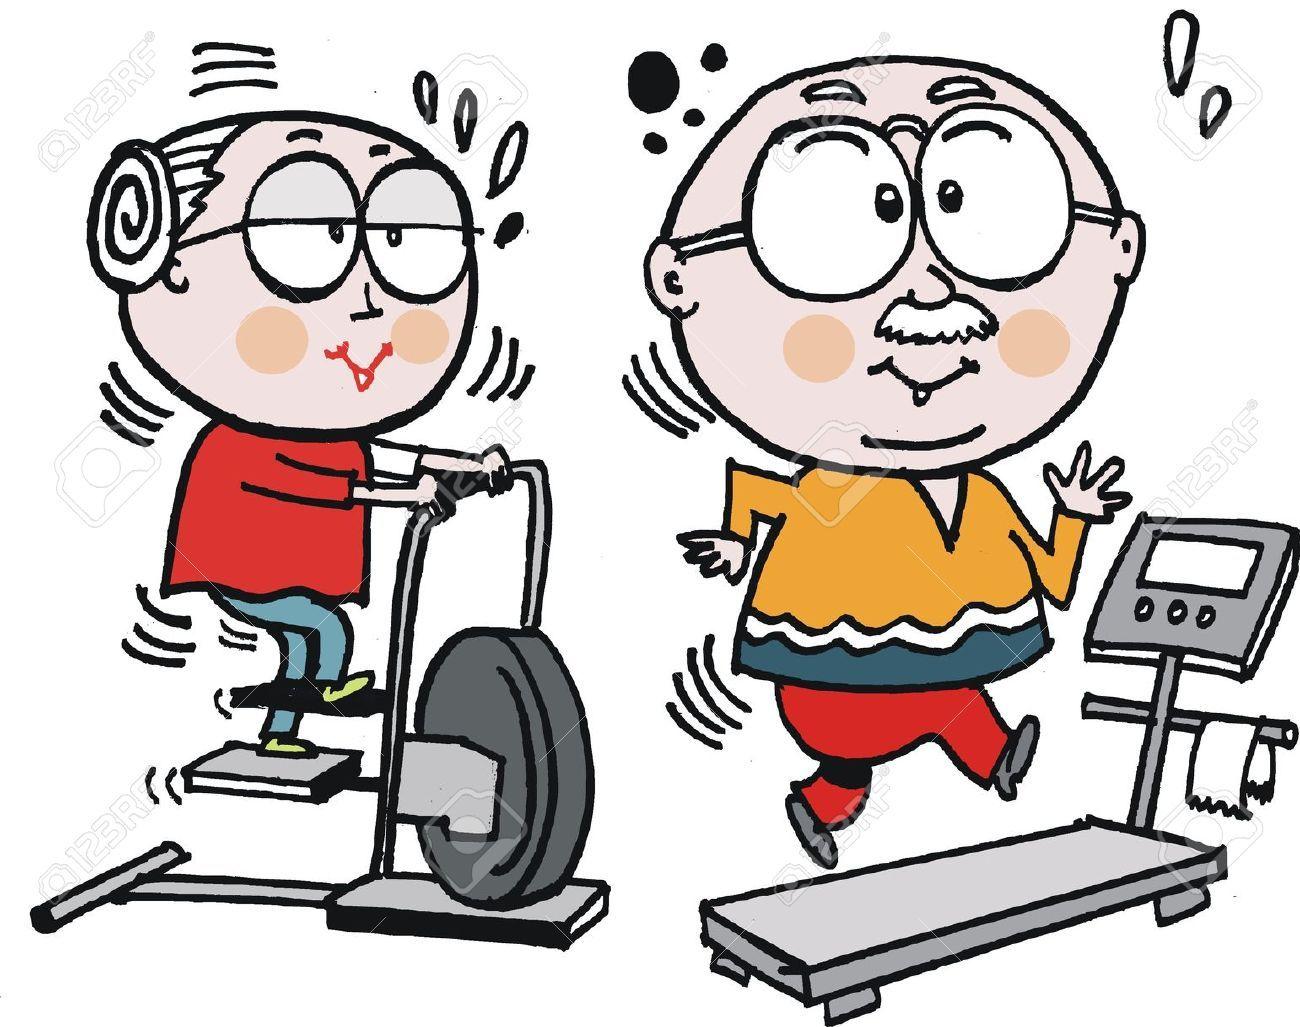 Resultado de imagen de personal trainer dibujos animados